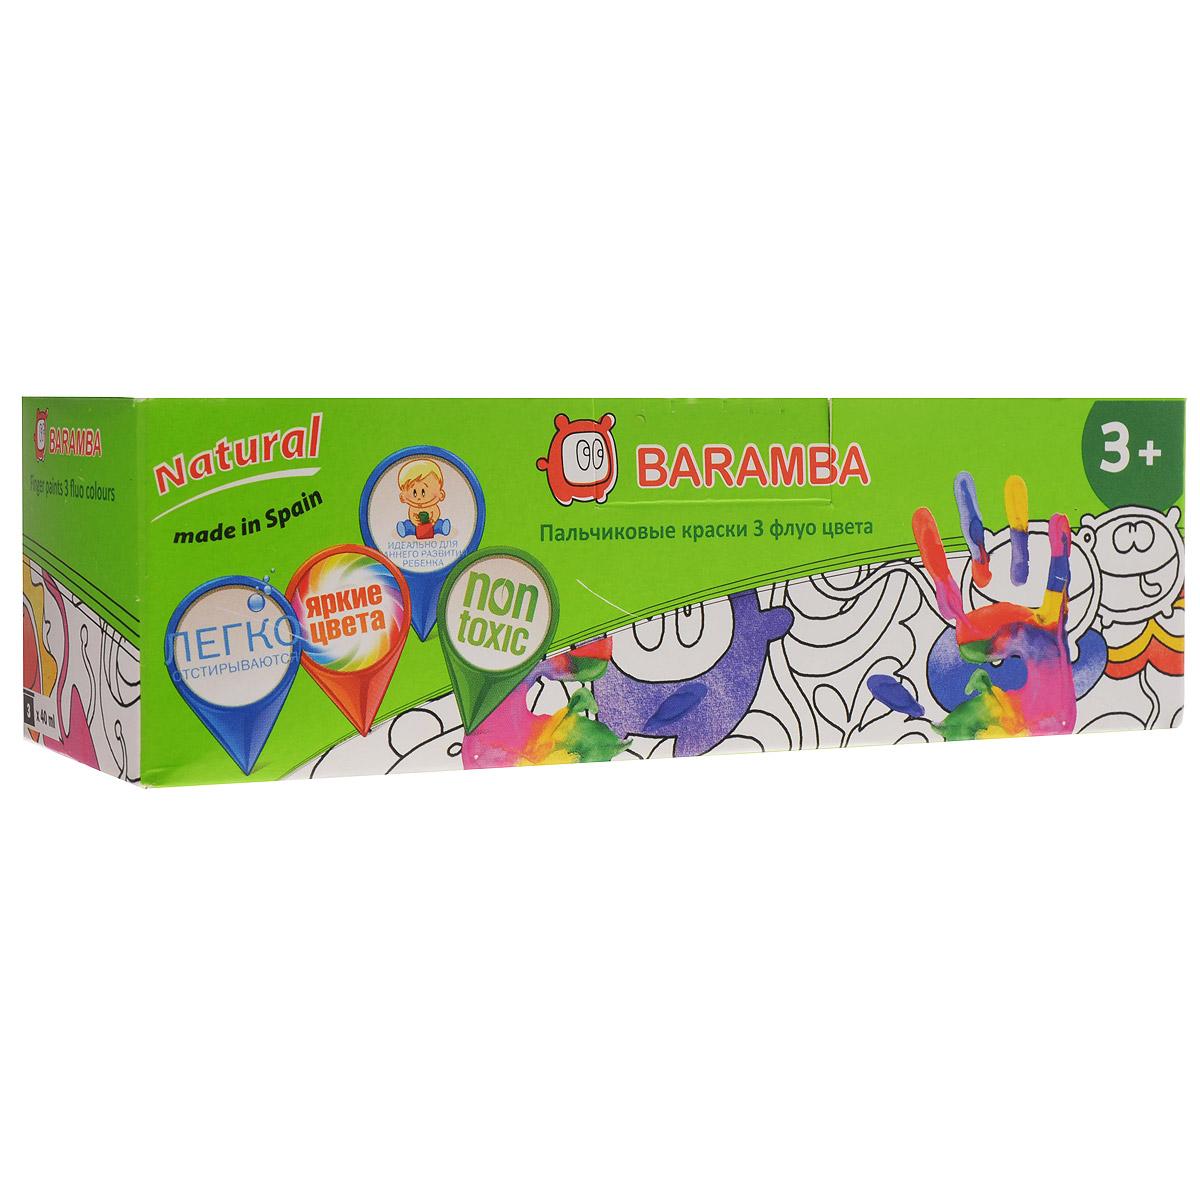 Краски пальчиковые Baramba, 3 цвета. B00553B00553Краски пальчиковые Baramba, 3 цвета представляют собой набор красок желтого, розового и светло-зеленого флуоресцентных цветов. Густые краски на водной основе, не вытекающие из баночки. Легко смываются, быстро сохнут. Рисовать можно пальцами, ладонями, ступнями, кисточкой.Идеальны для раннего развития ребенка.Емкость баночки: 40 мл.